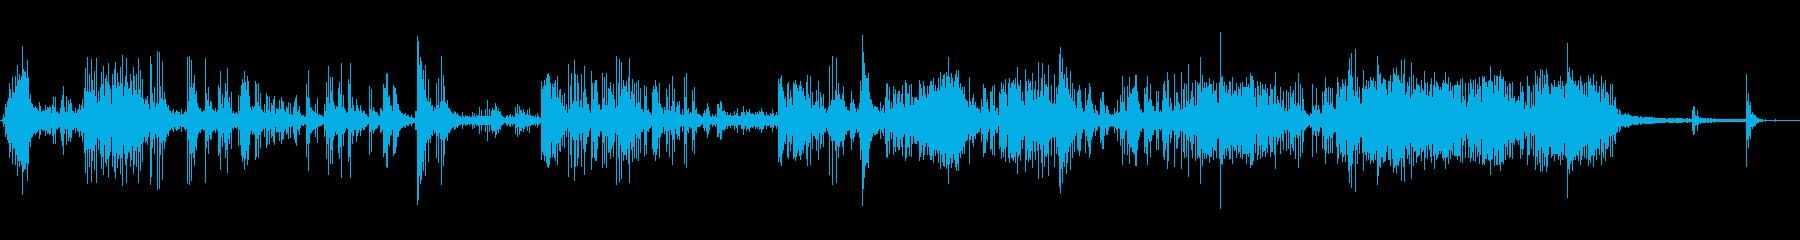 花火4爆竹の再生済みの波形